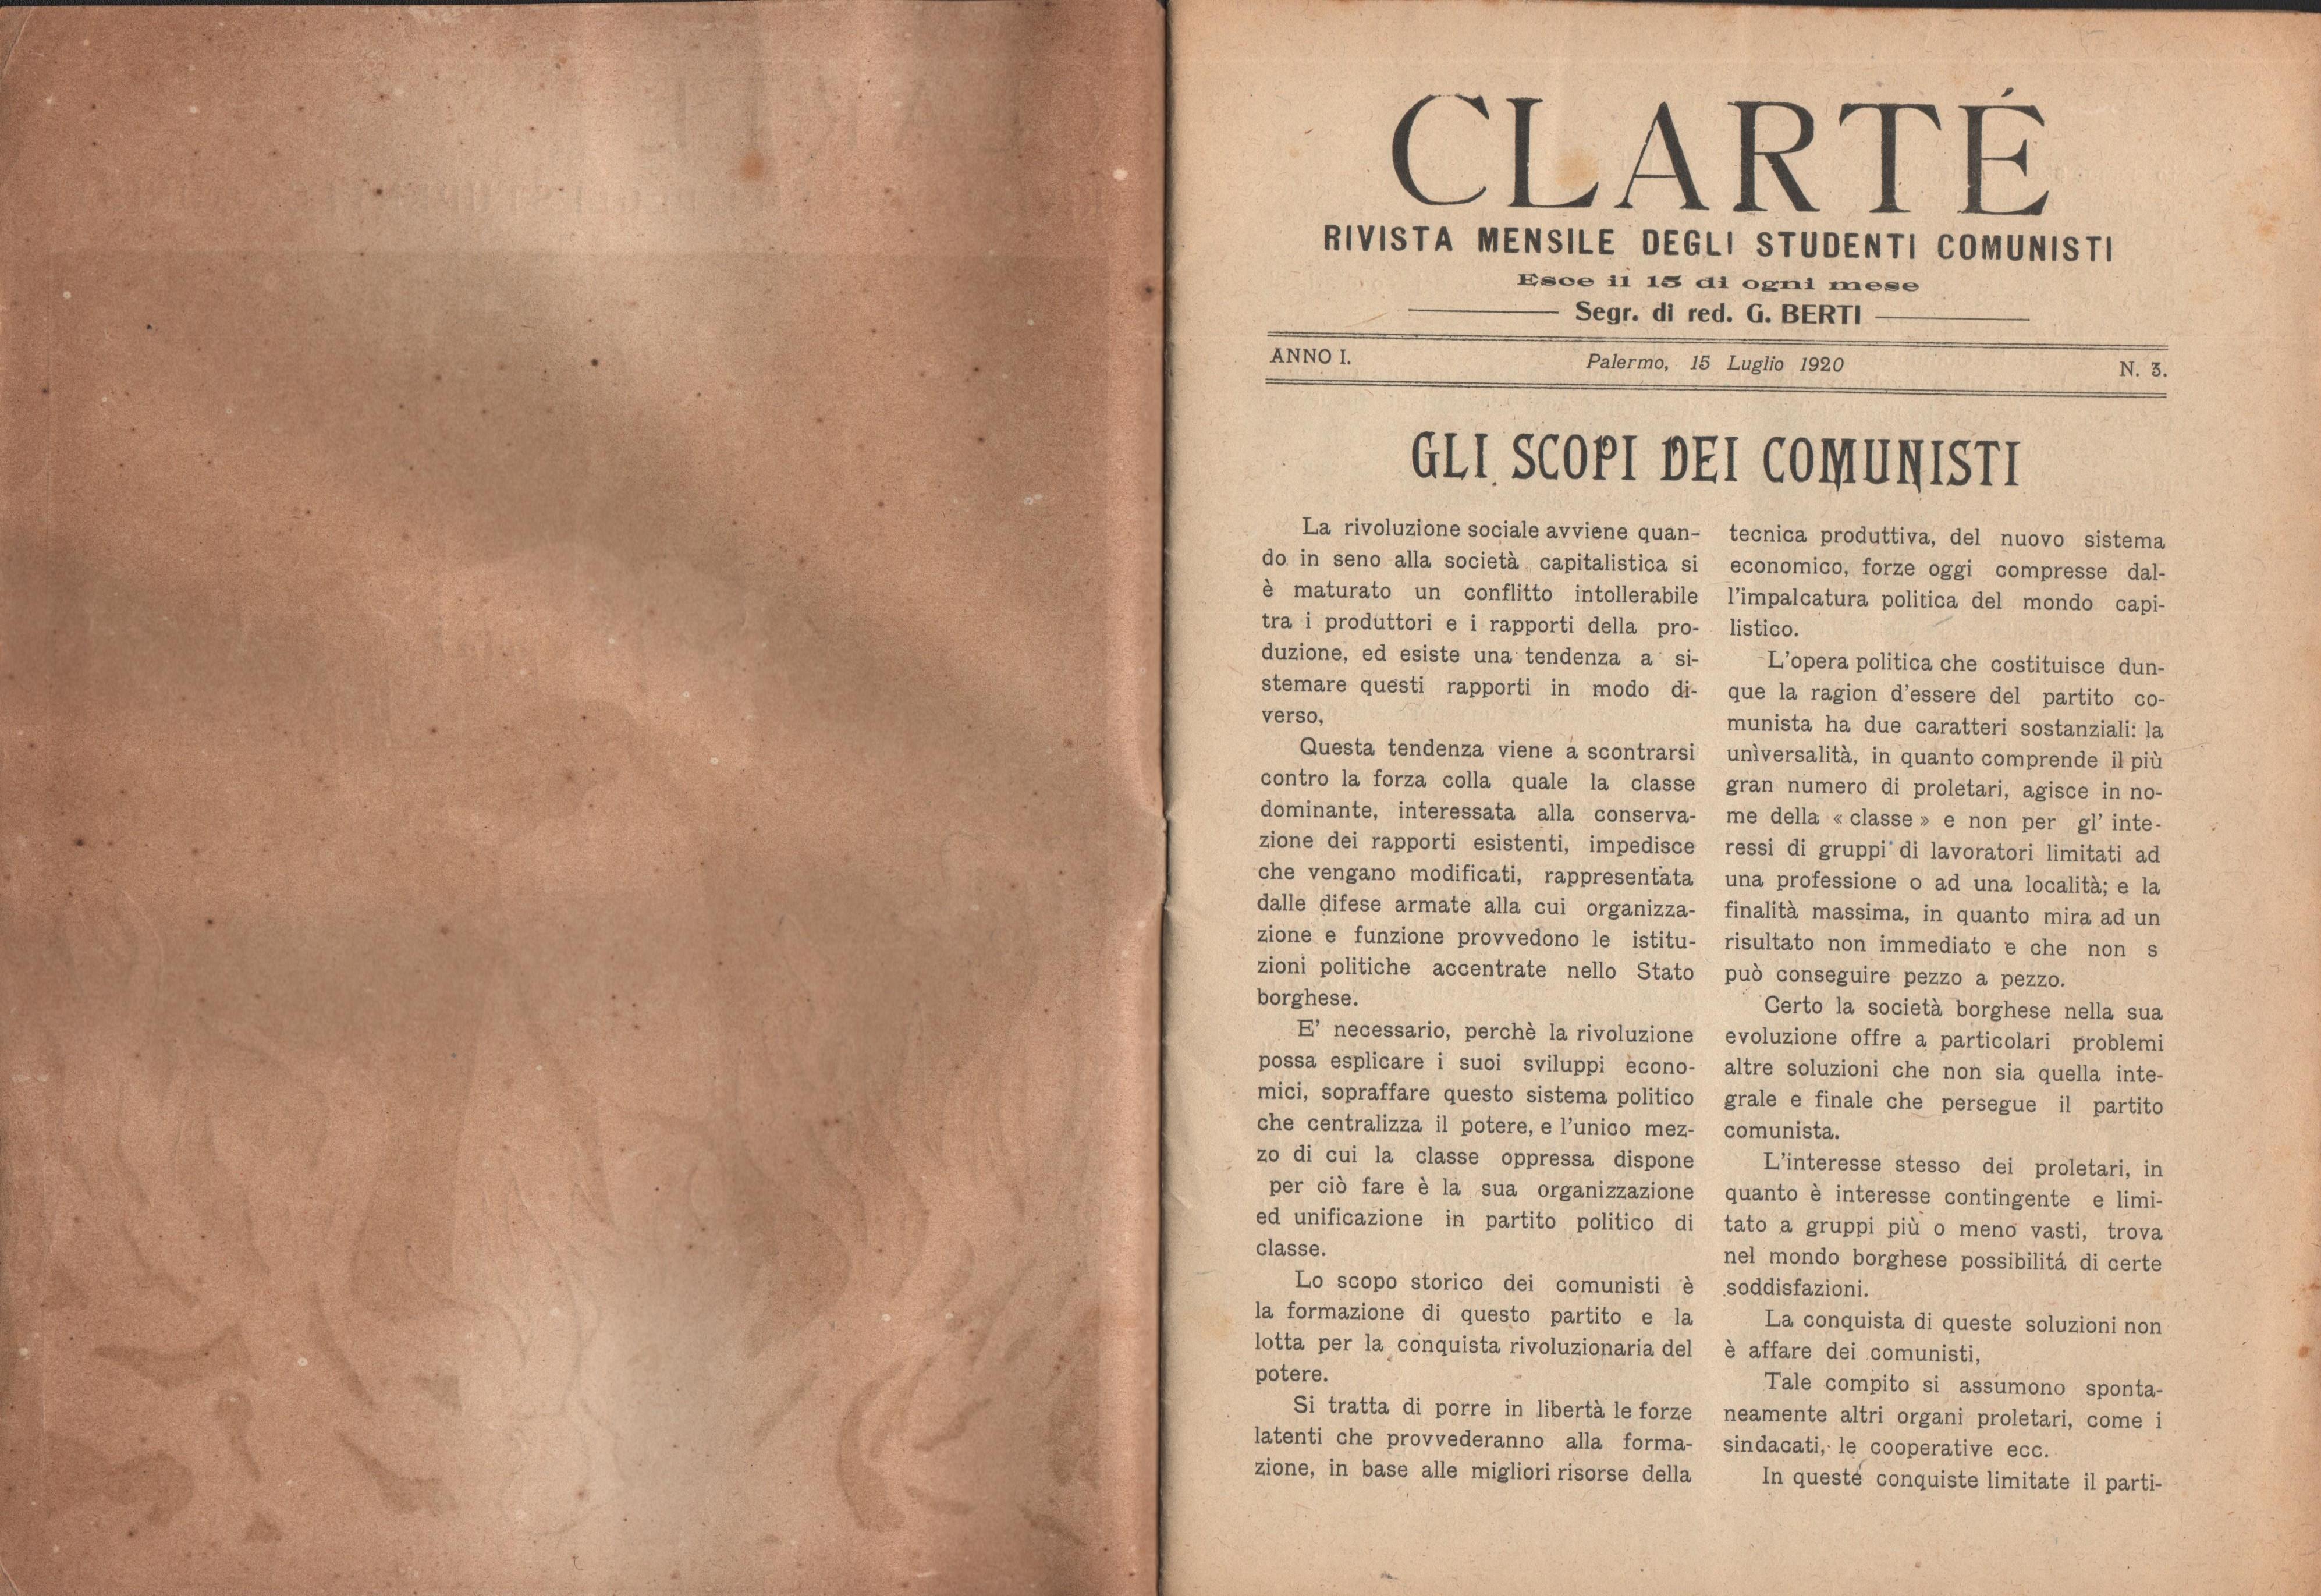 Clarté. Rivista mensile degli studenti comunisti (a. I, n. 3, Palermo, 15 luglio 1920) - pag. 2